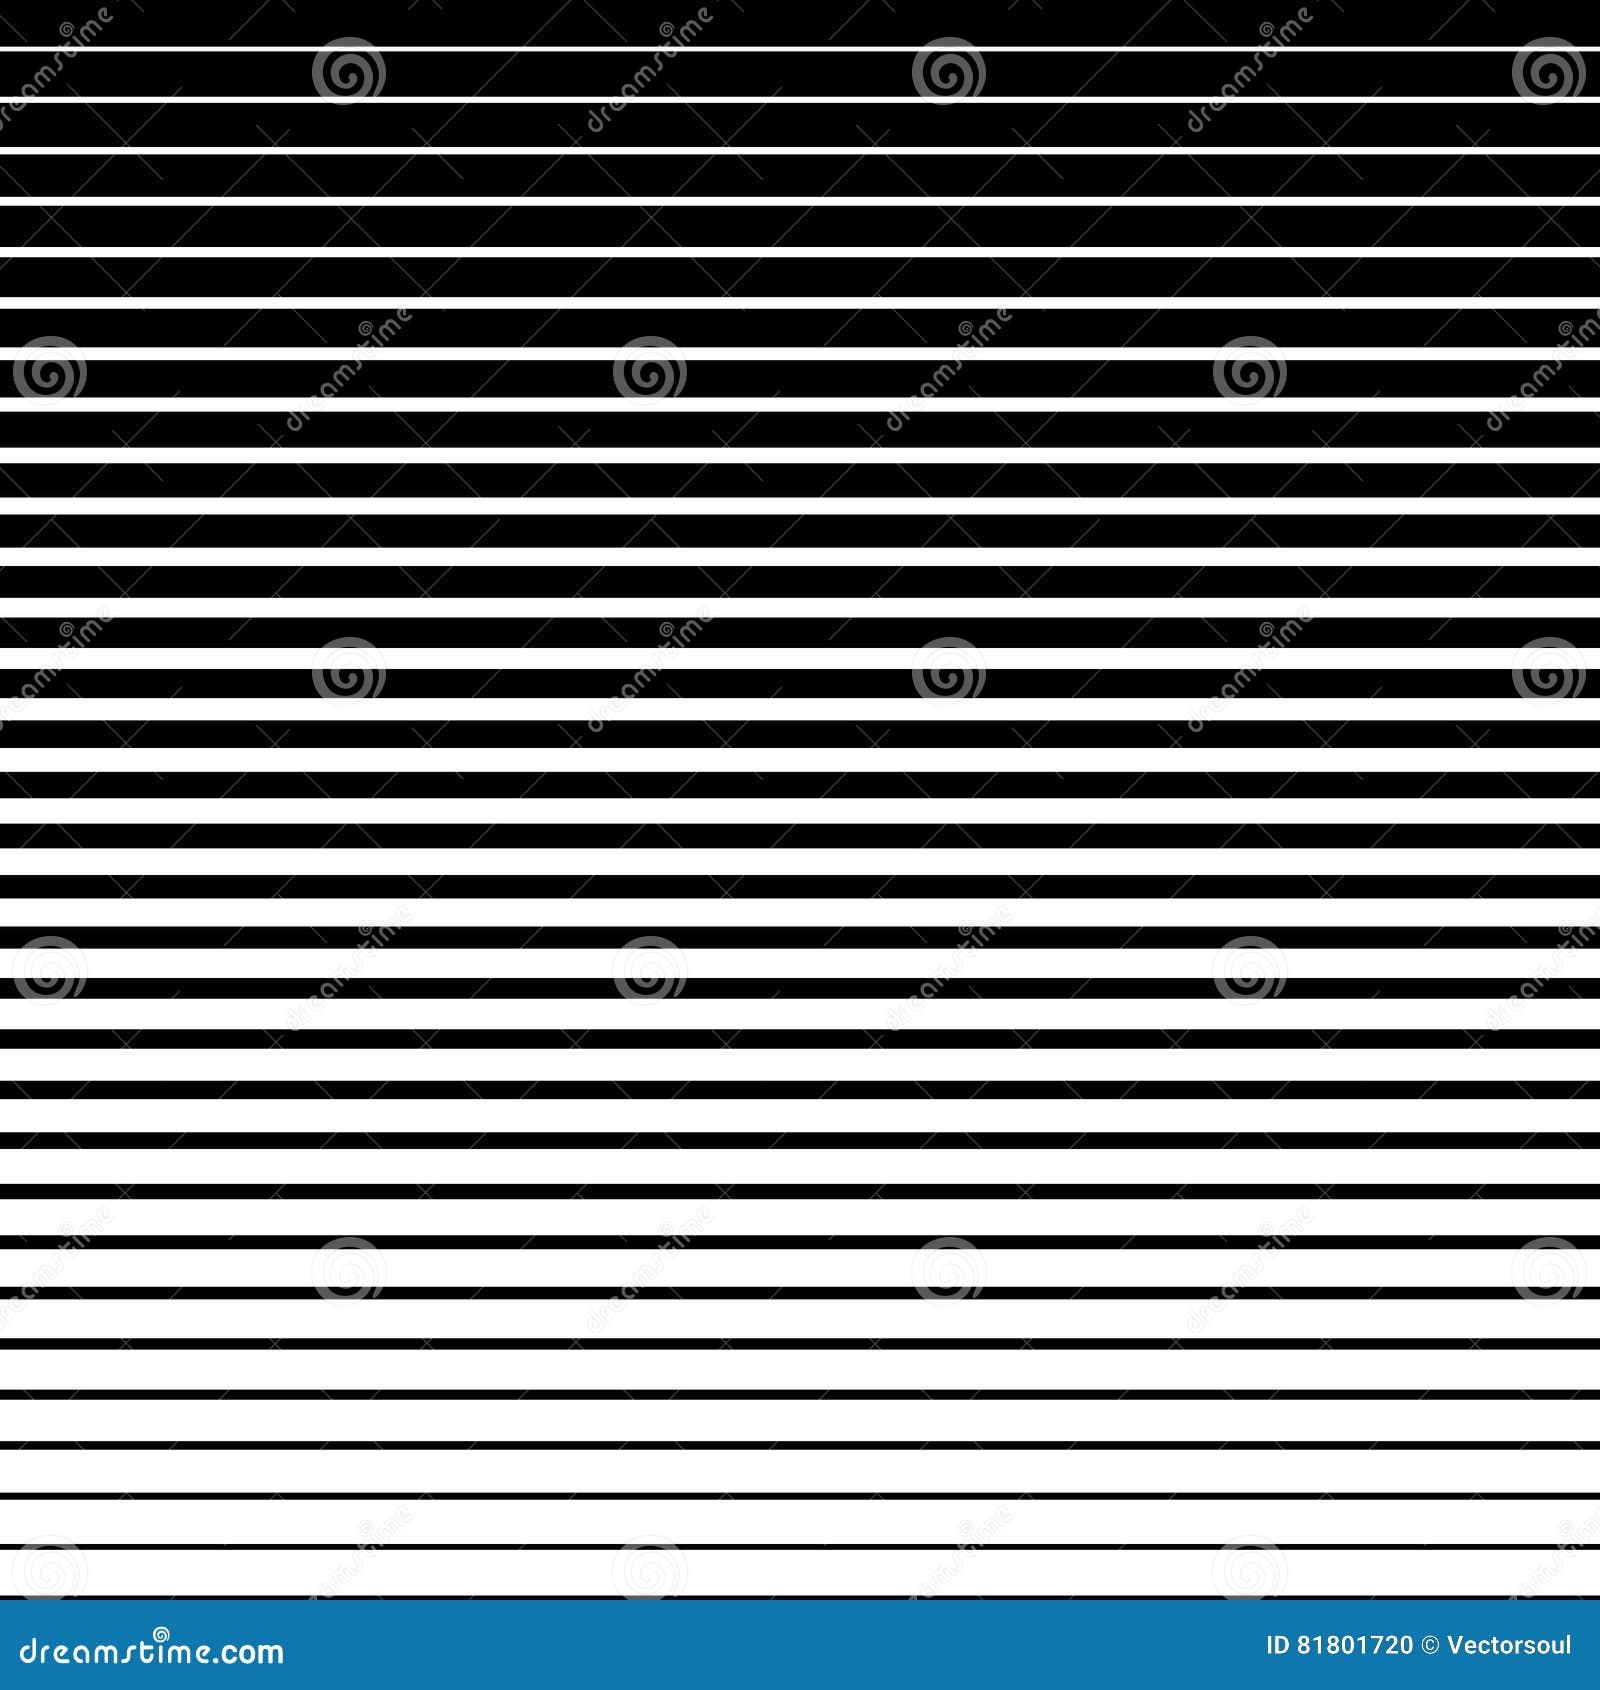 Параллельные прямые линии текстура monochrome картины геометрическая